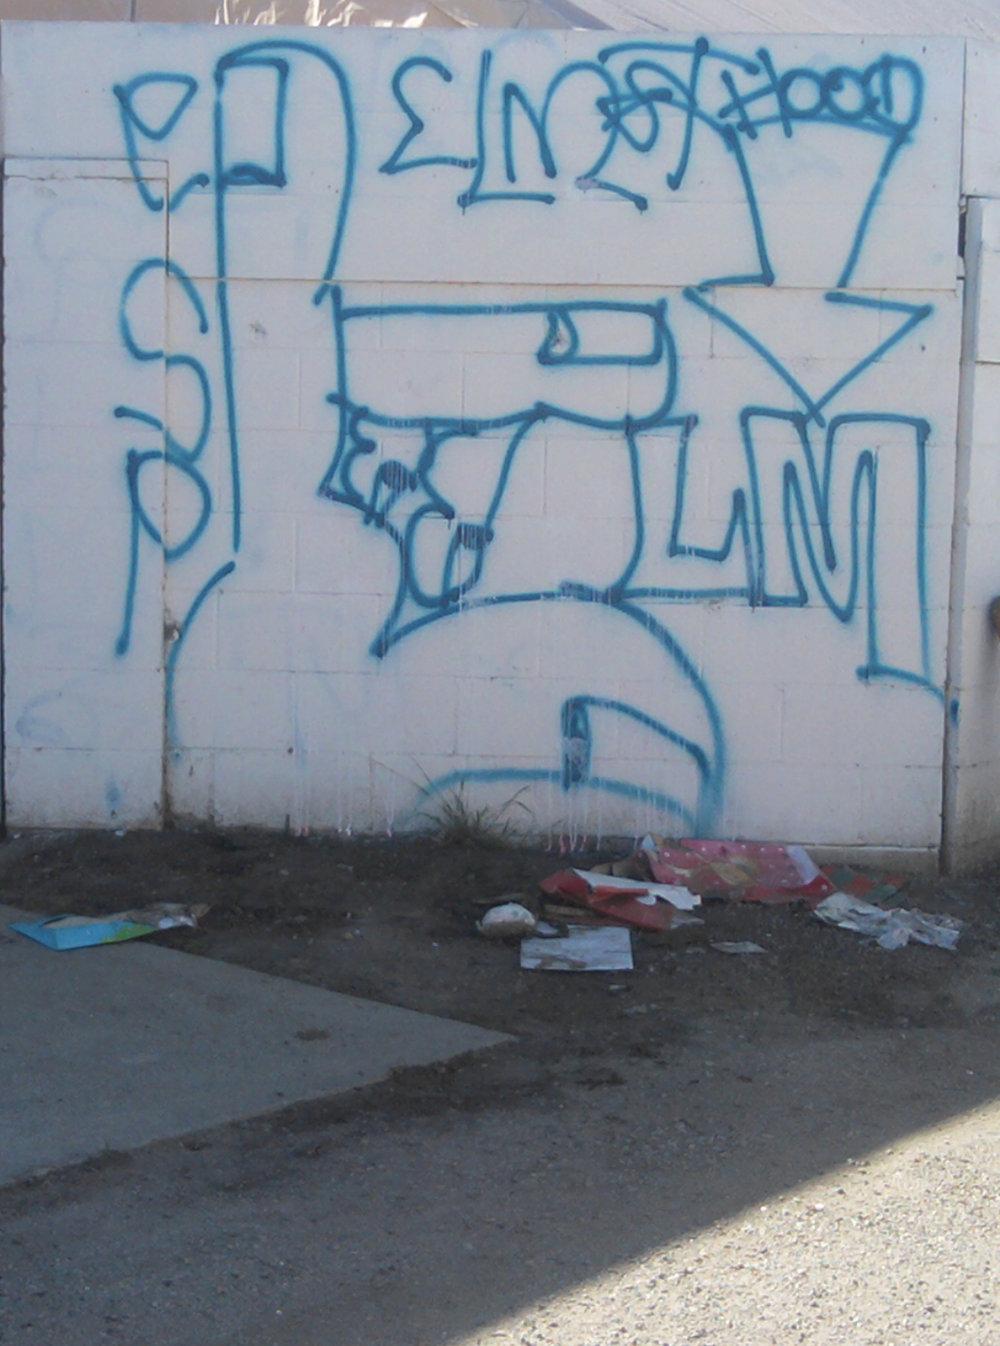 גרפיטי של כנופיית רחוב בברוקלין